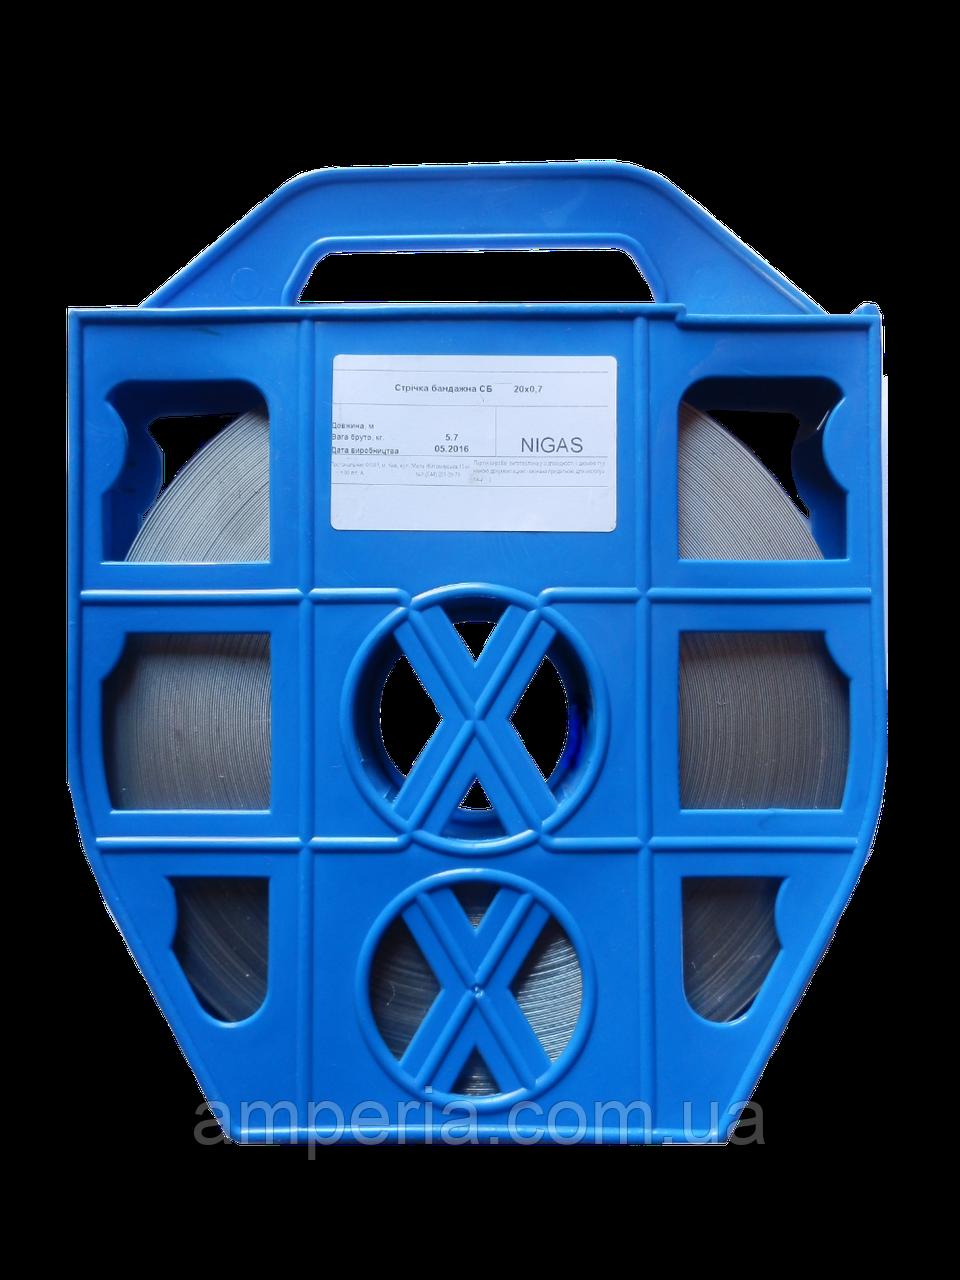 NIGAS СБ 201 Бандажная лента в кассете (по 50 м) 20 Х 0,7